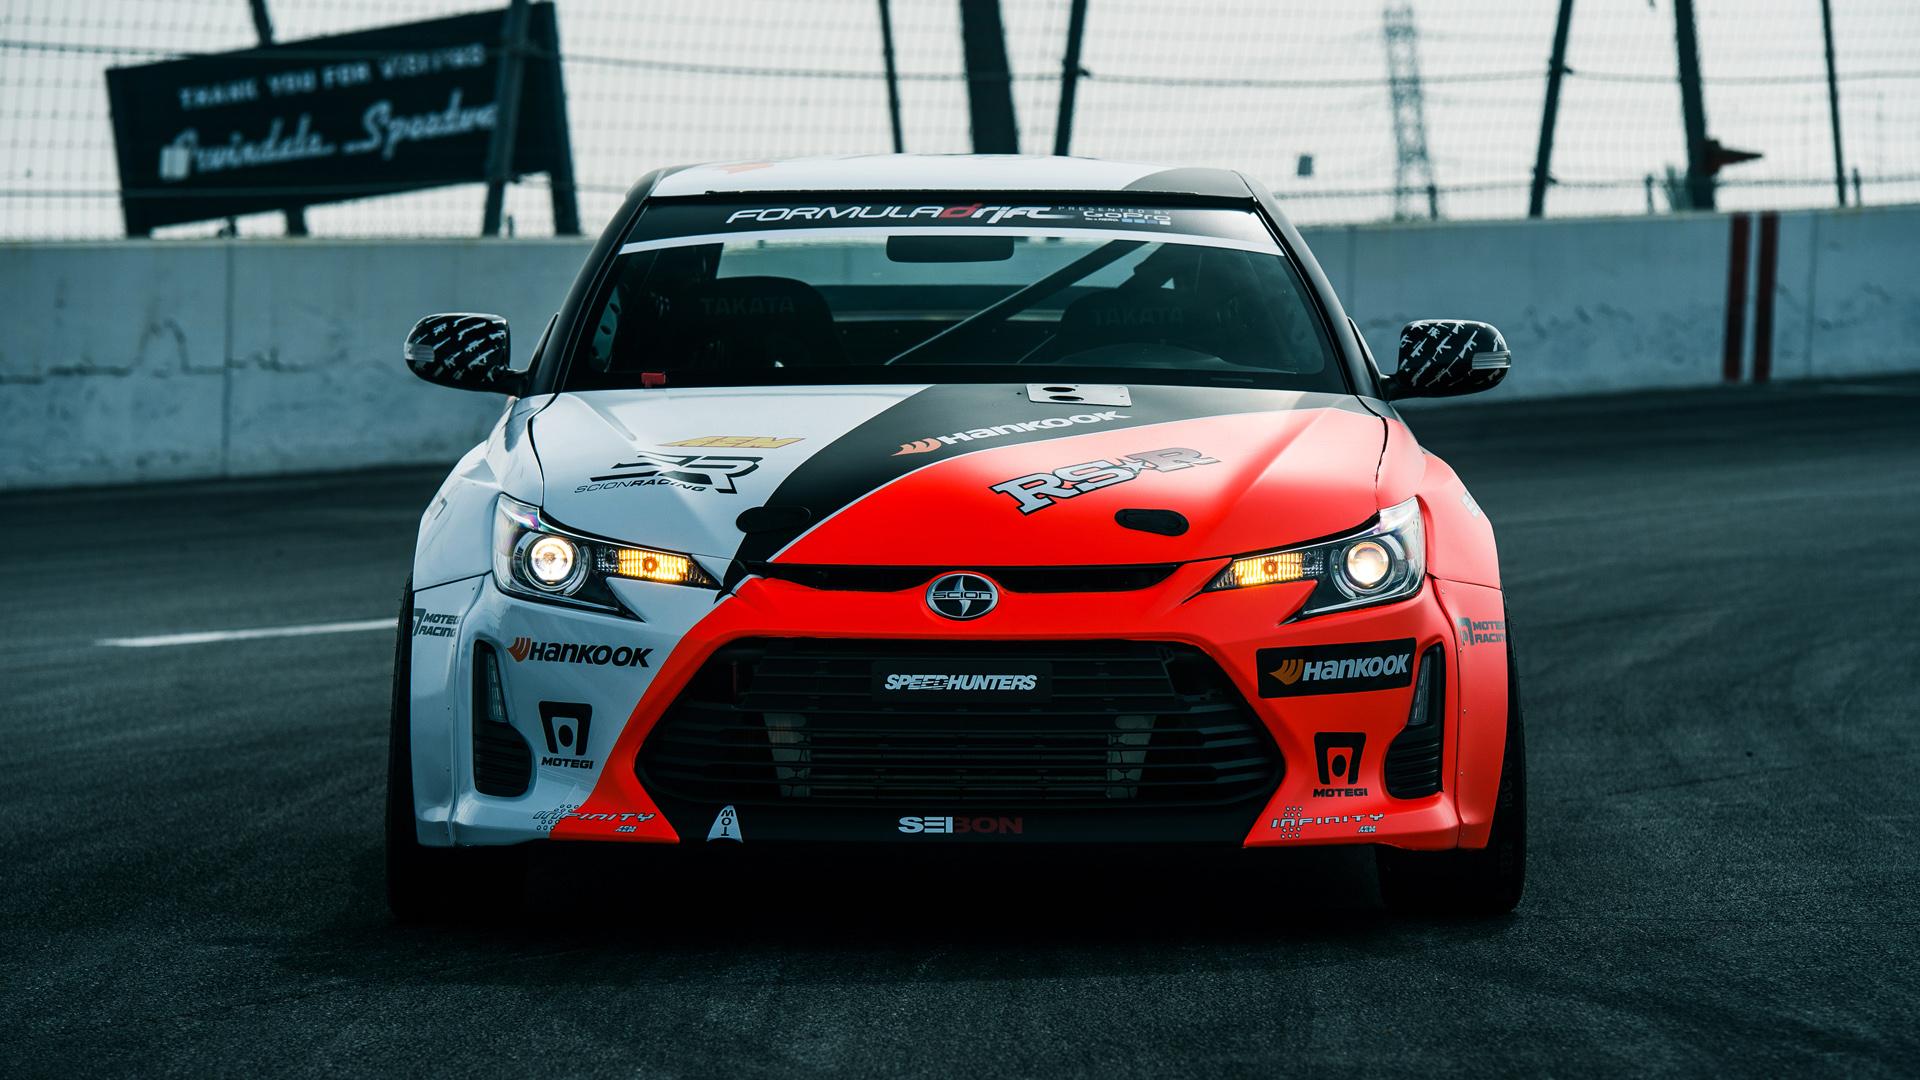 2013 formula d scion tc wallpaper | hd car wallpapers | id #3370